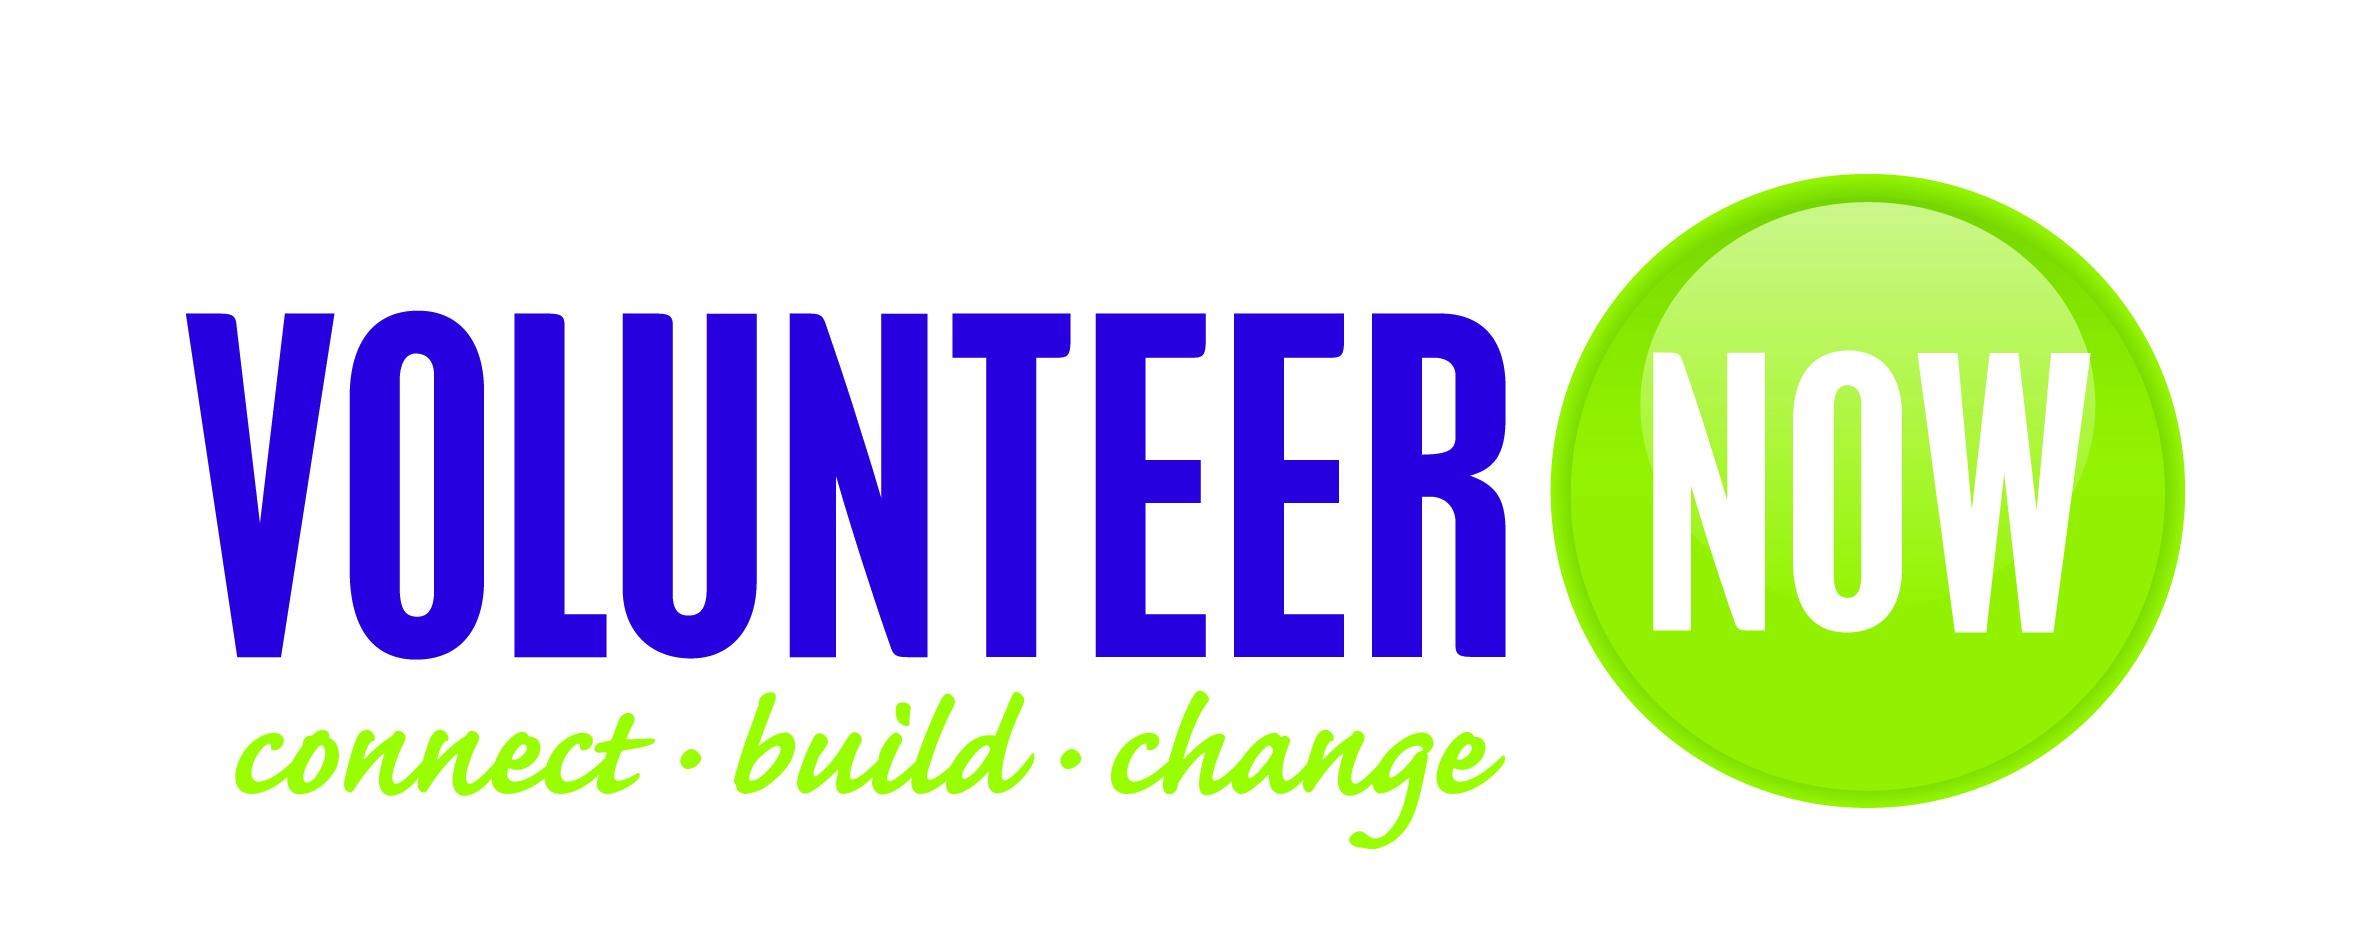 Volunteer now logo